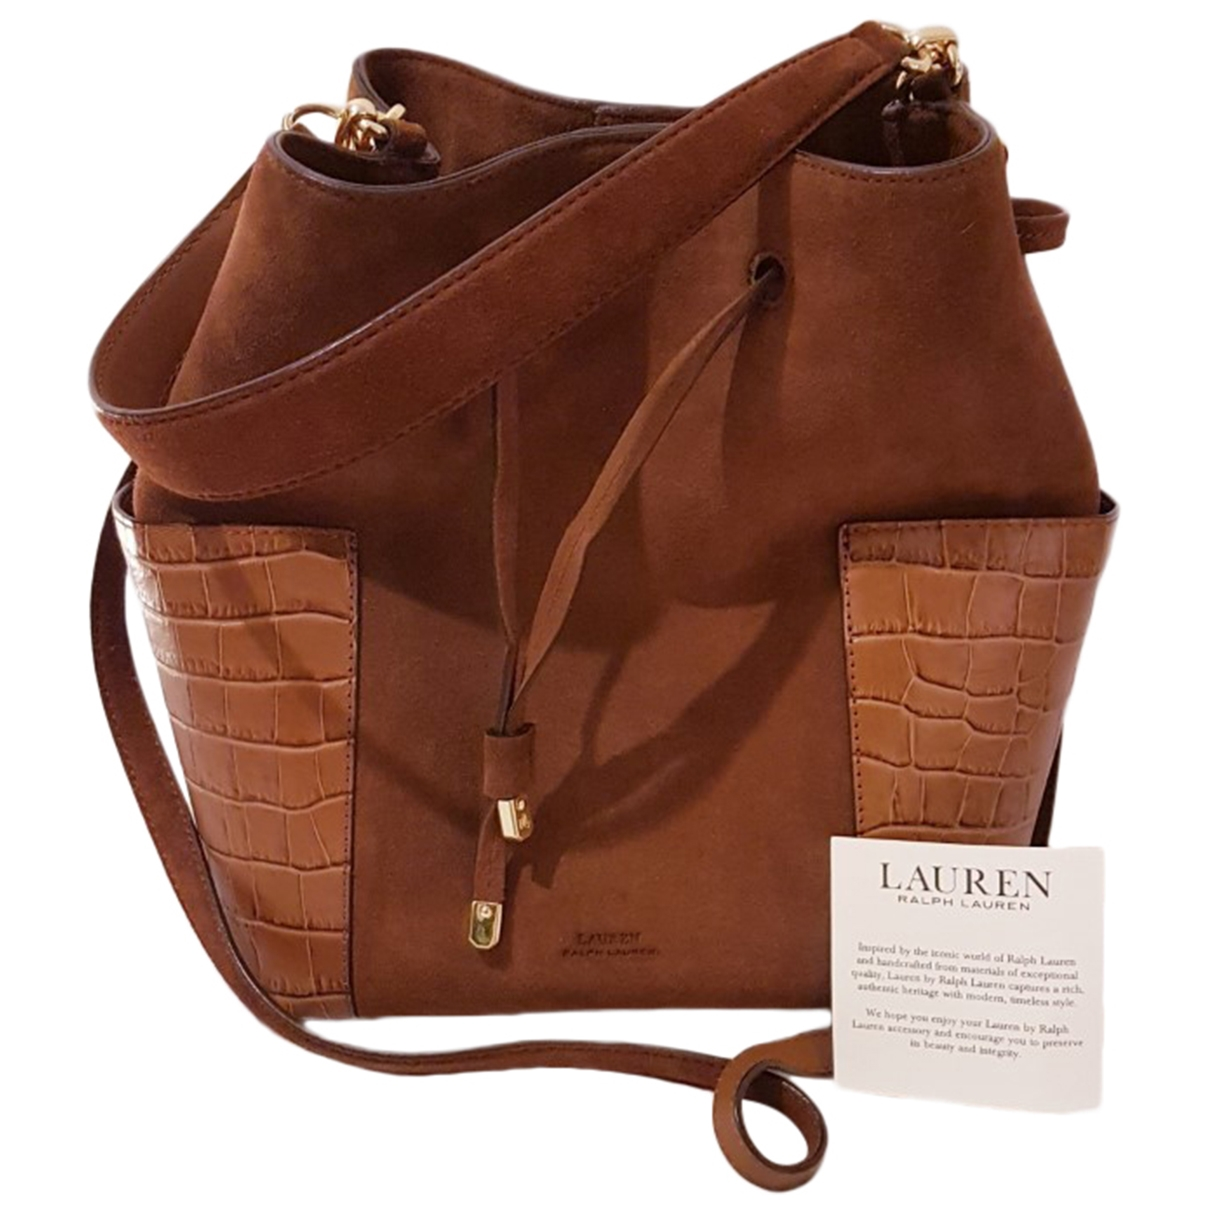 Lauren Ralph Lauren \N Brown Suede handbag for Women \N